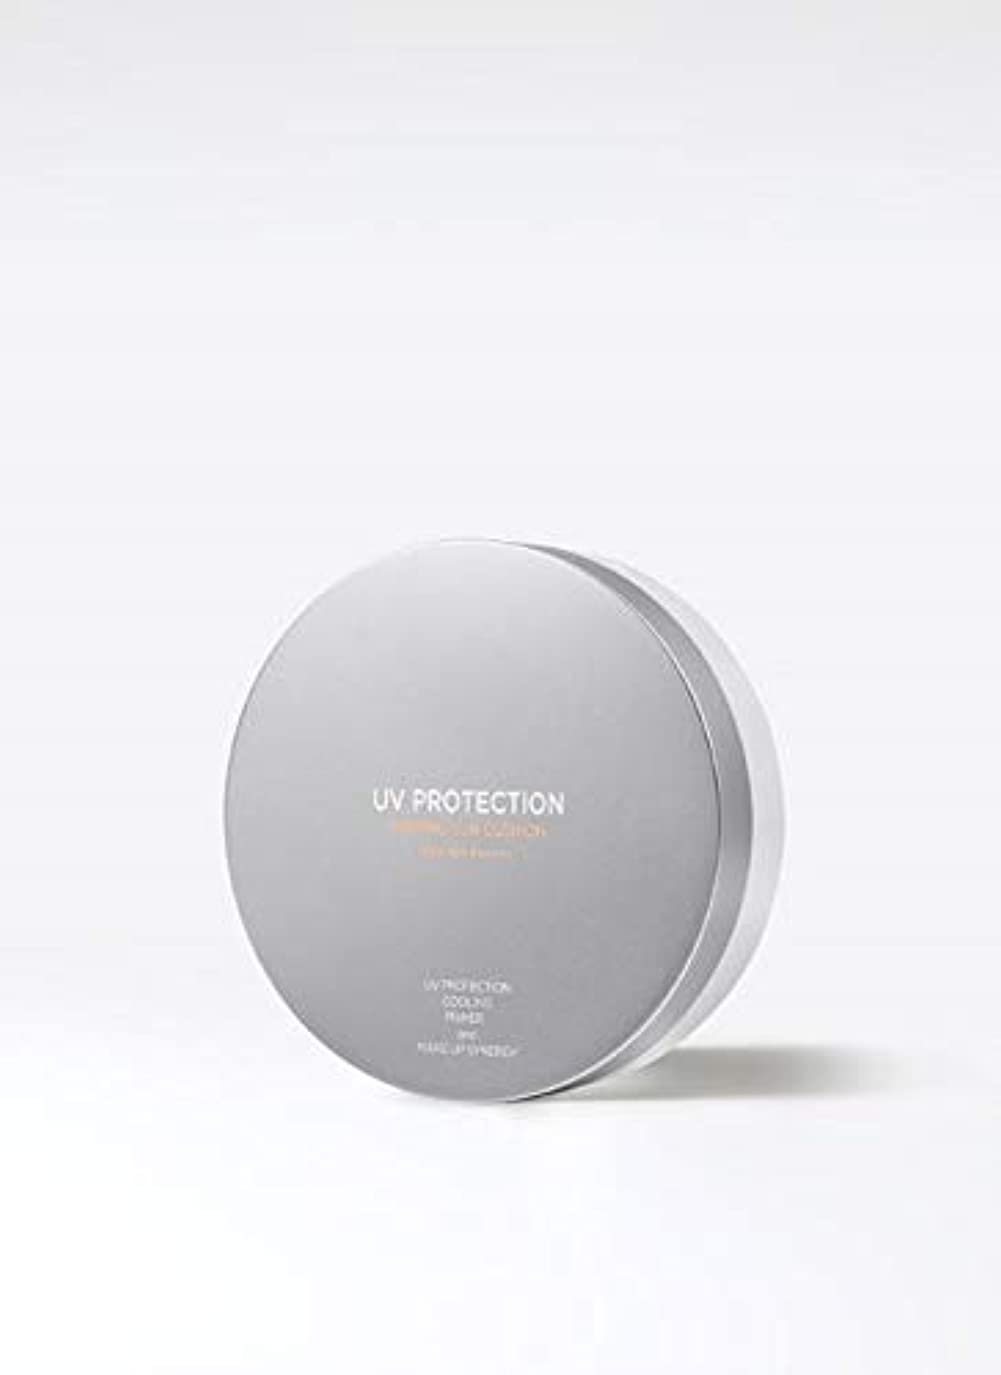 ライトニング深い怖い[KLAVUU] クラビューUVプロテクションプライミング線クッションSPF 50+ PA ++++ 13g / UV PROTECTION PRIMING SUN CUSHION SPF 50+ PA ++++ 0.46...